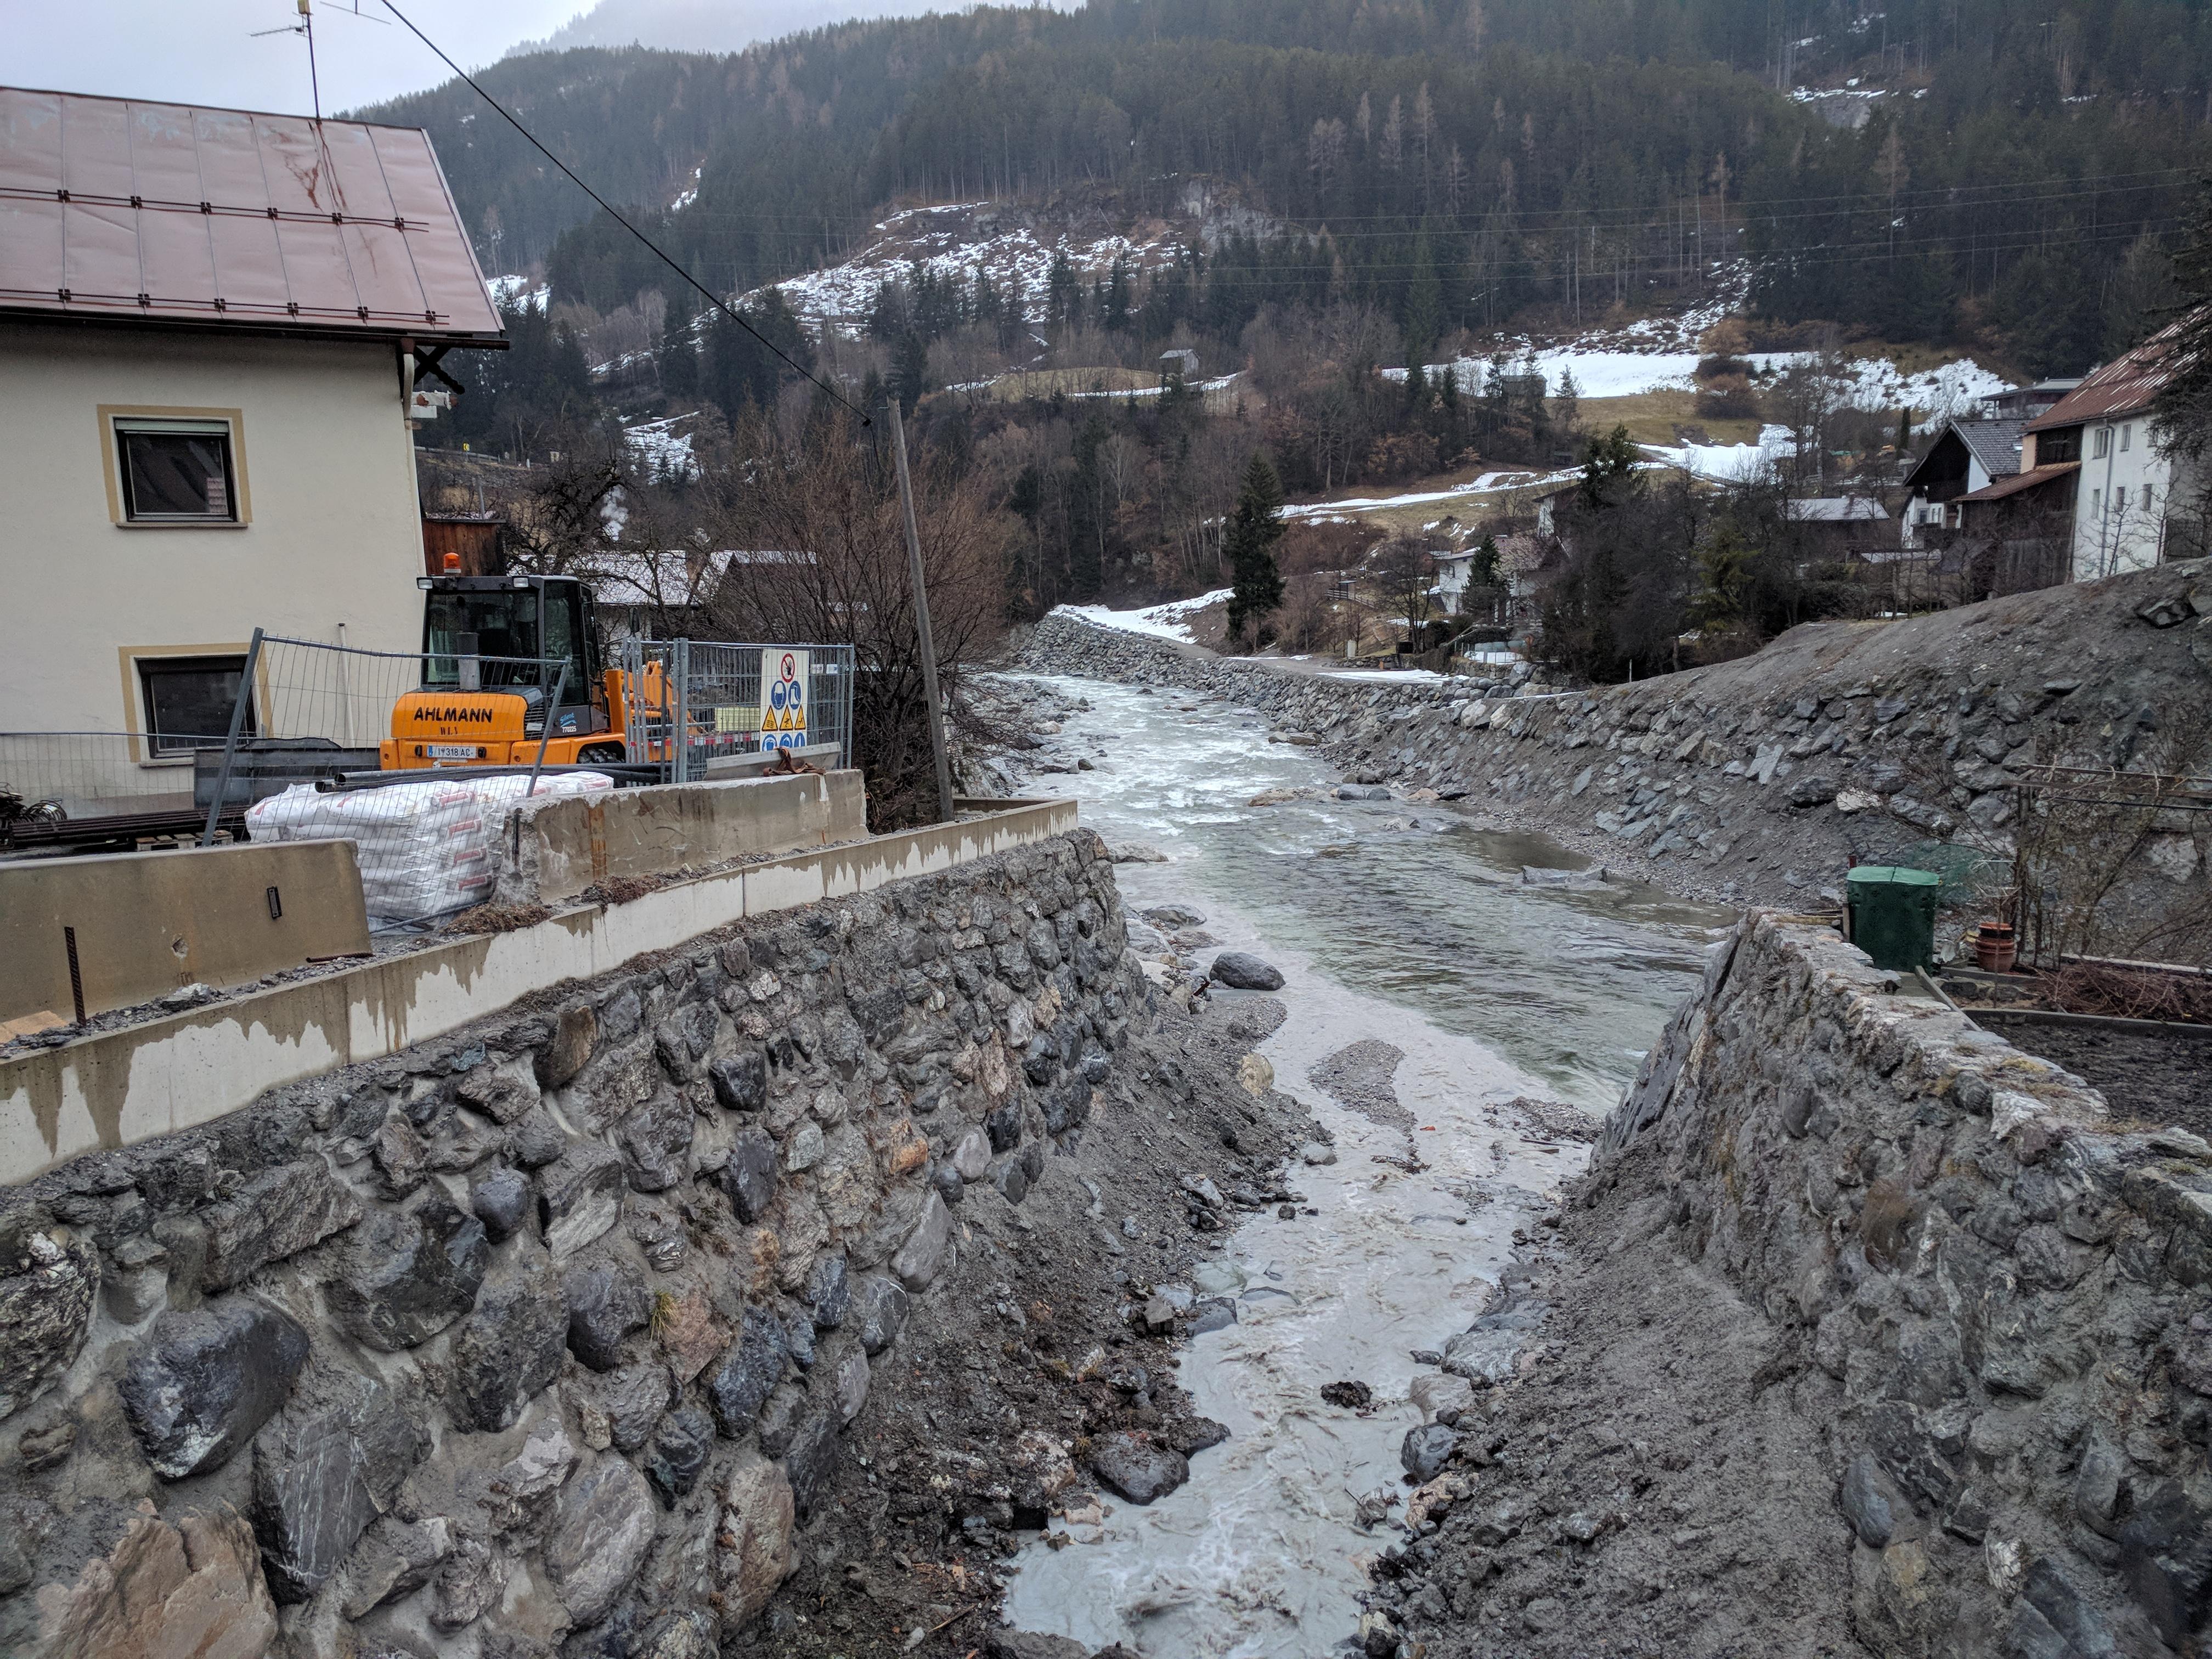 Hochwasserschutz an der Sanna: Die Mündung des Lattenbachs in die Sanna – das Haus links wird geschliffen